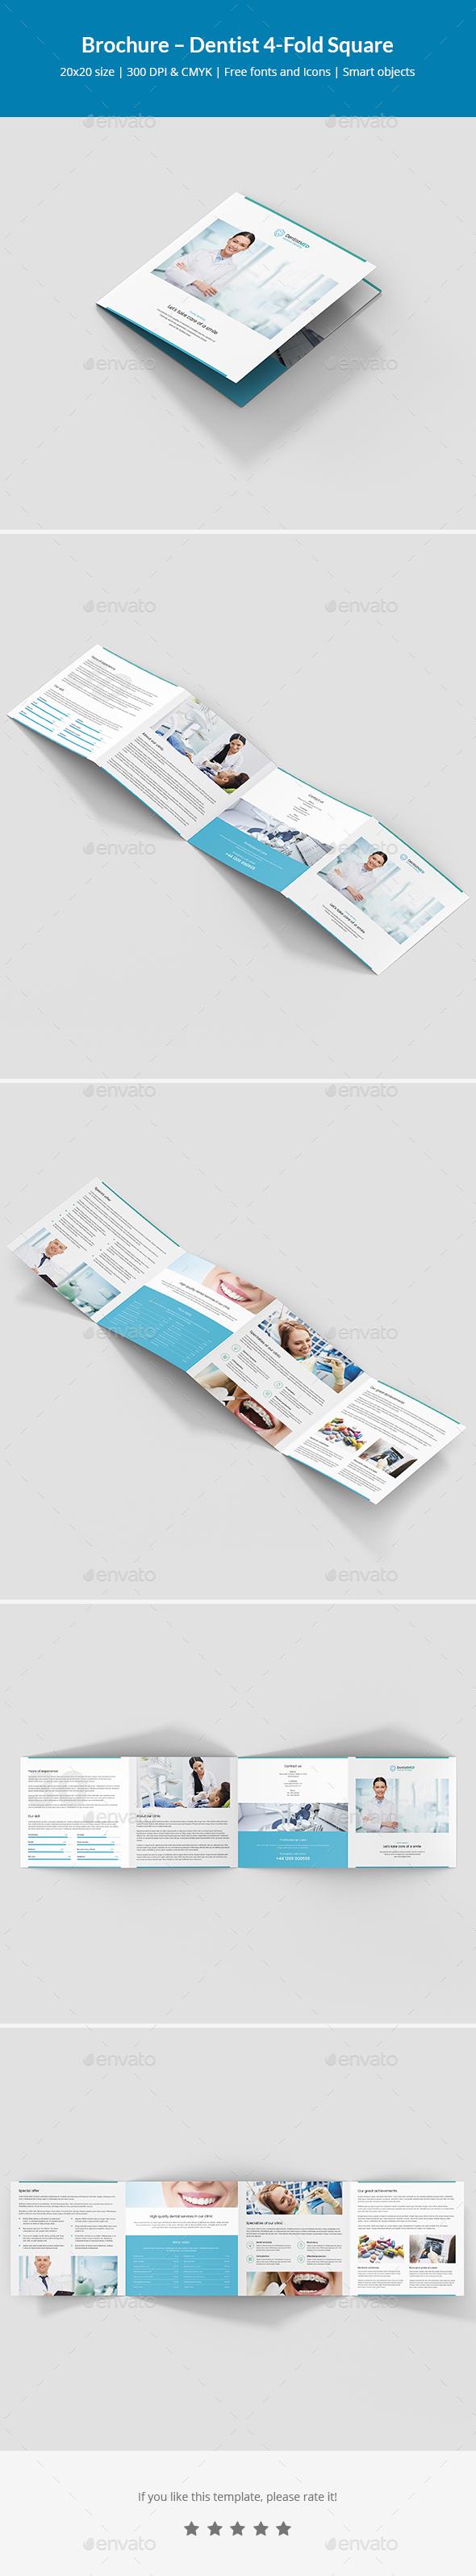 Brochure – Dentist 4-Fold Square - Informational Brochures